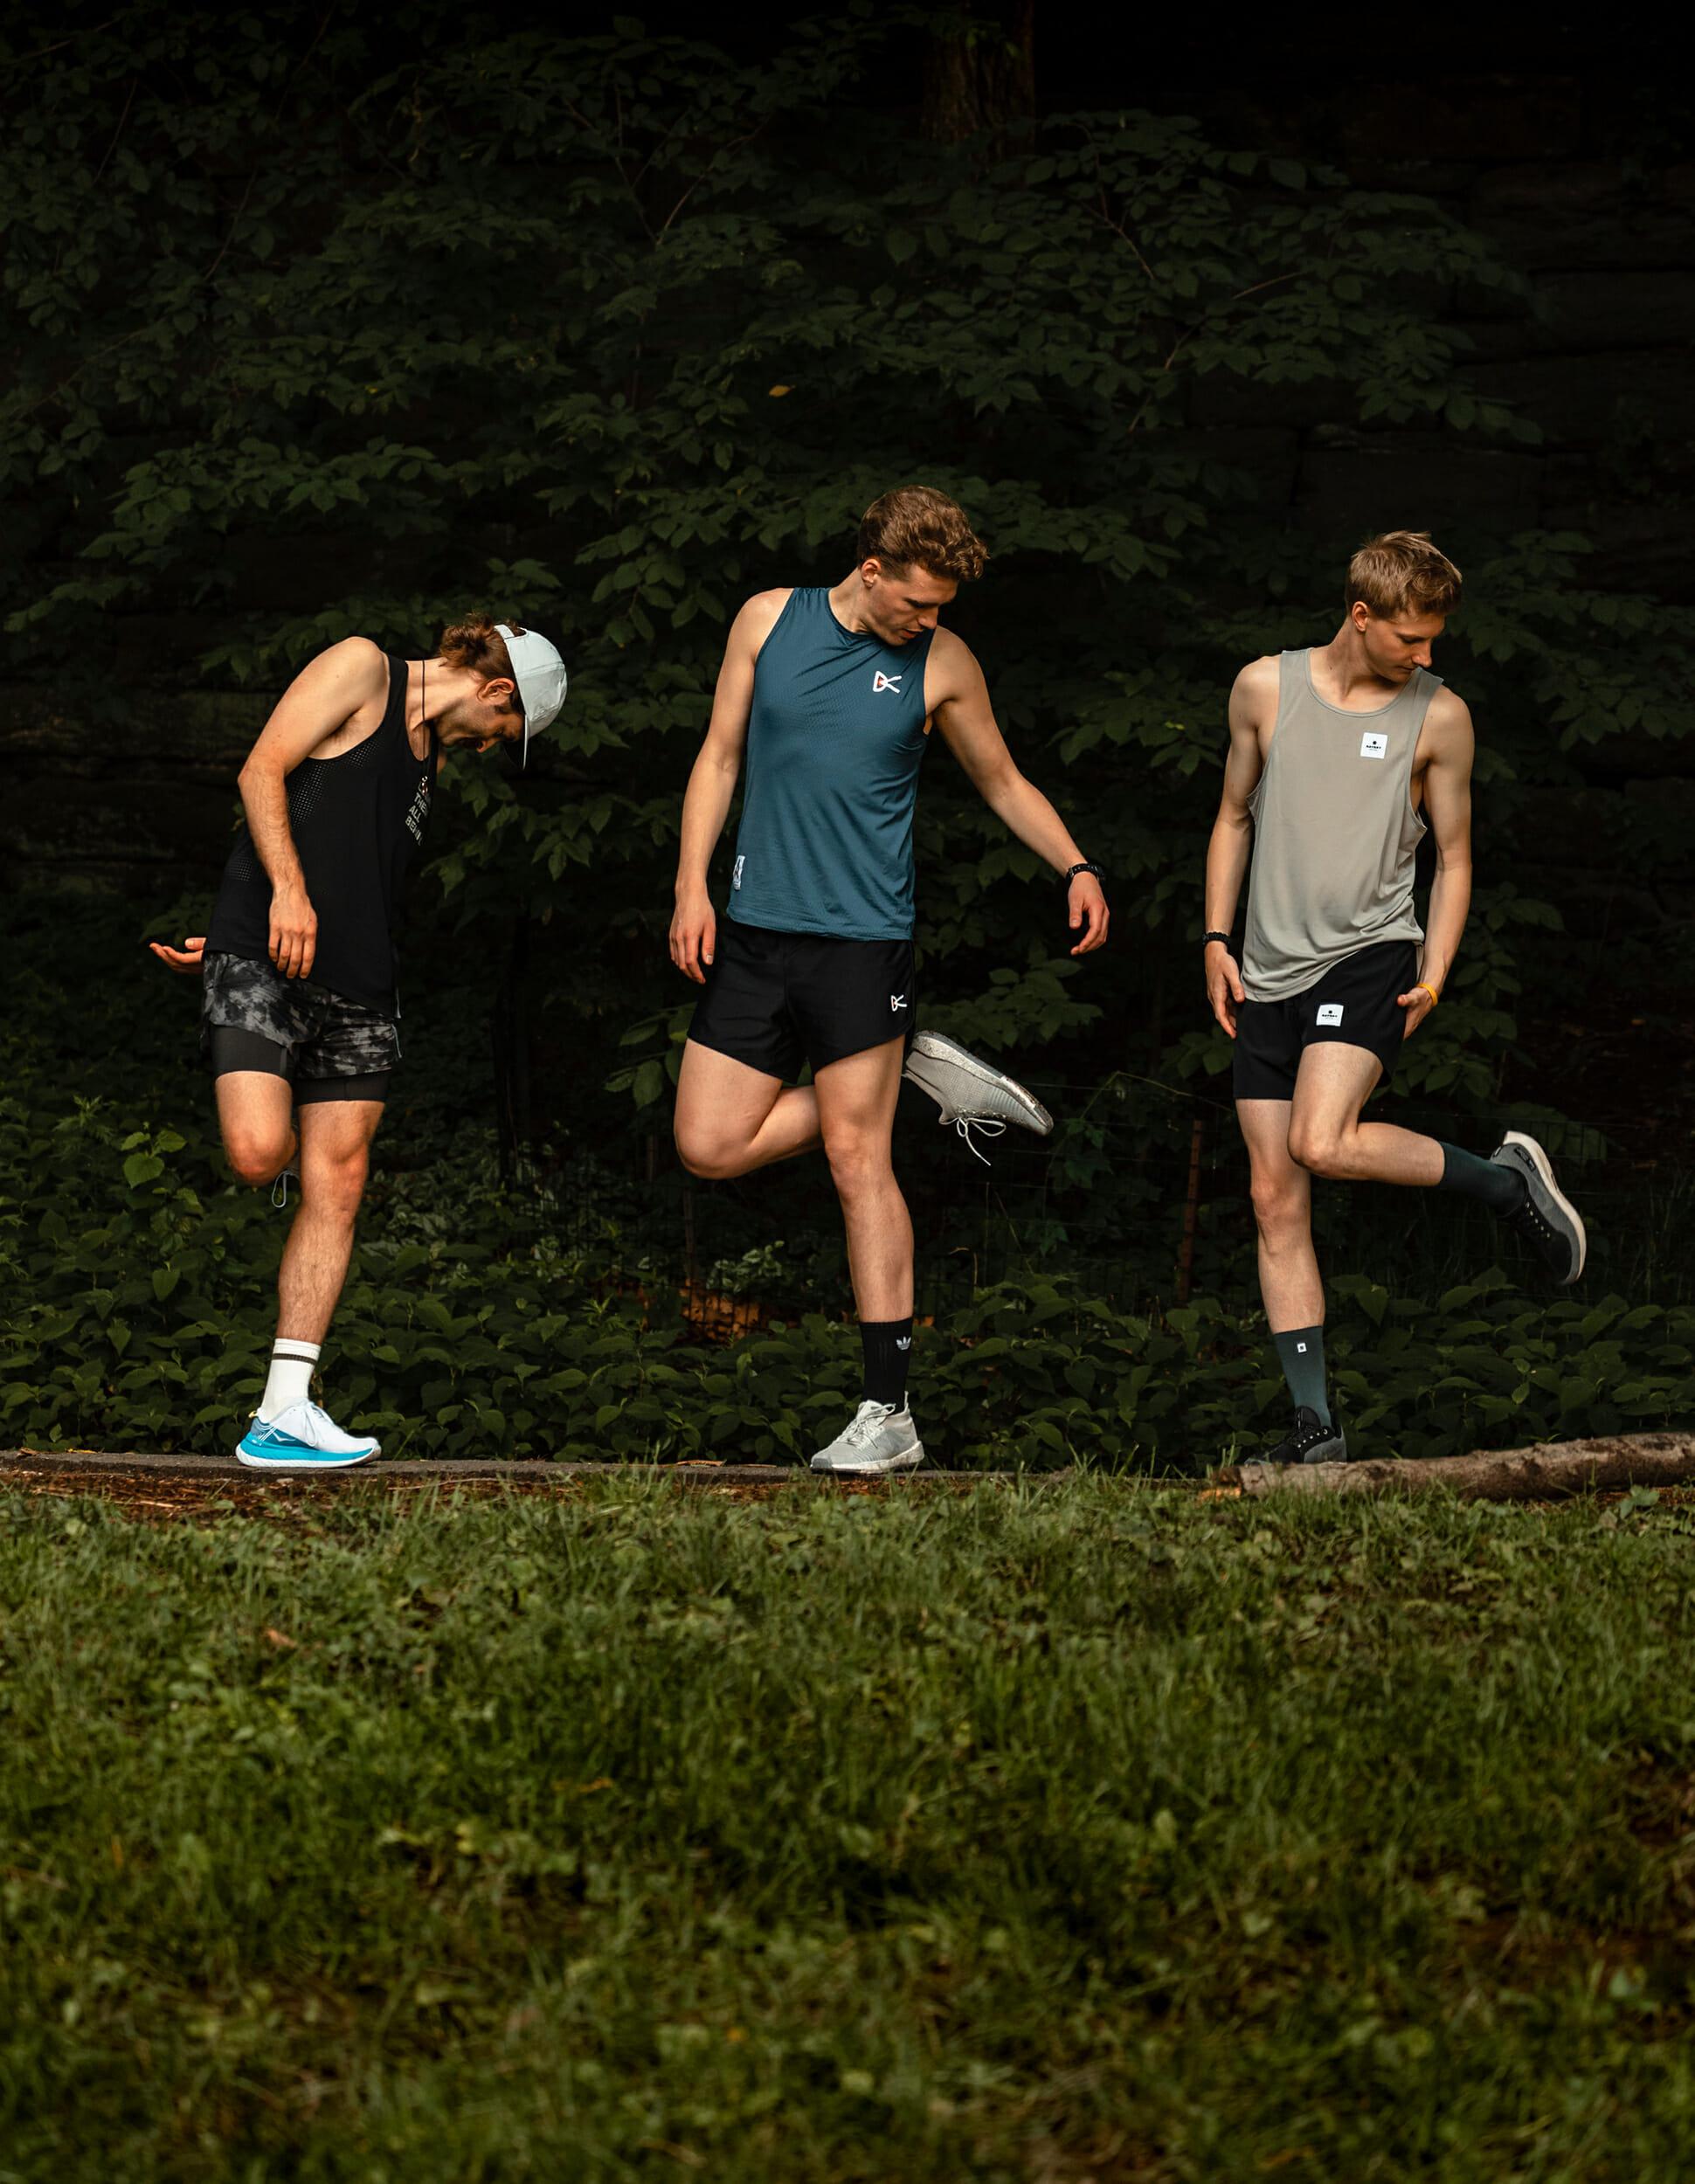 running-kits-chase-pellerin-2019-16.jpg